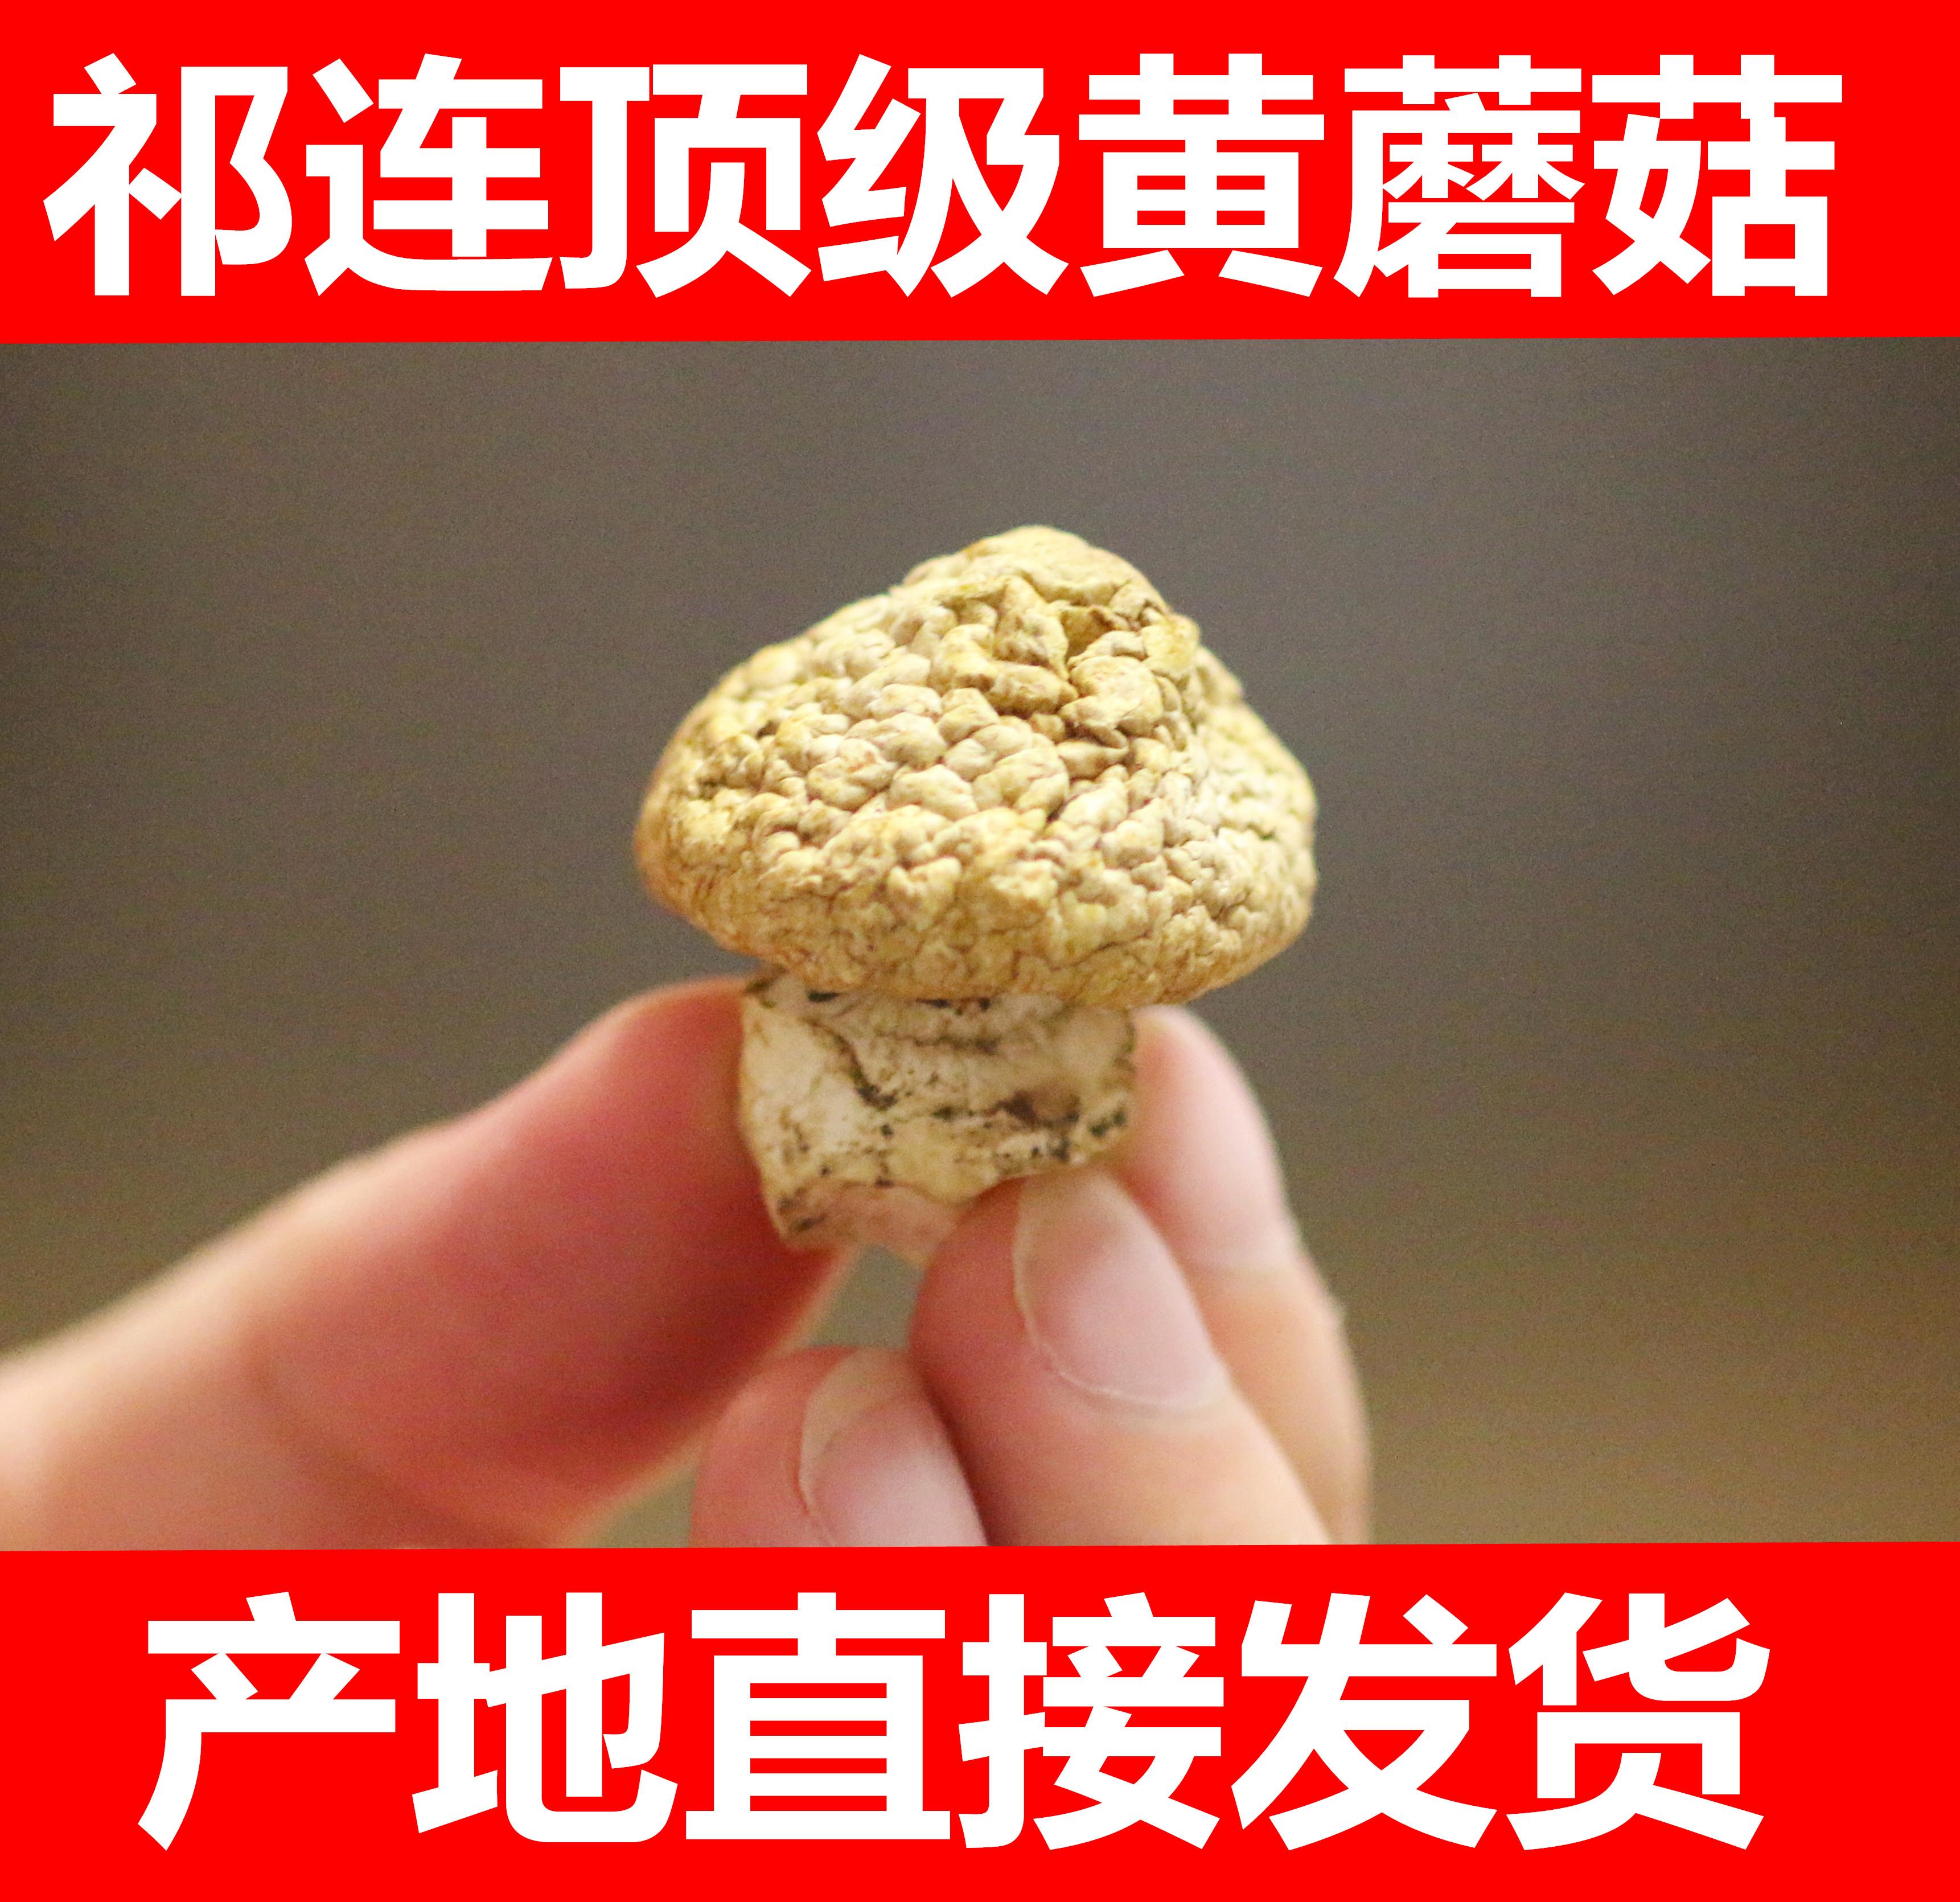 艾氏青海特产黄姑 祁连山野生黄蘑菇 黄菇 钉子蘑菇 100克